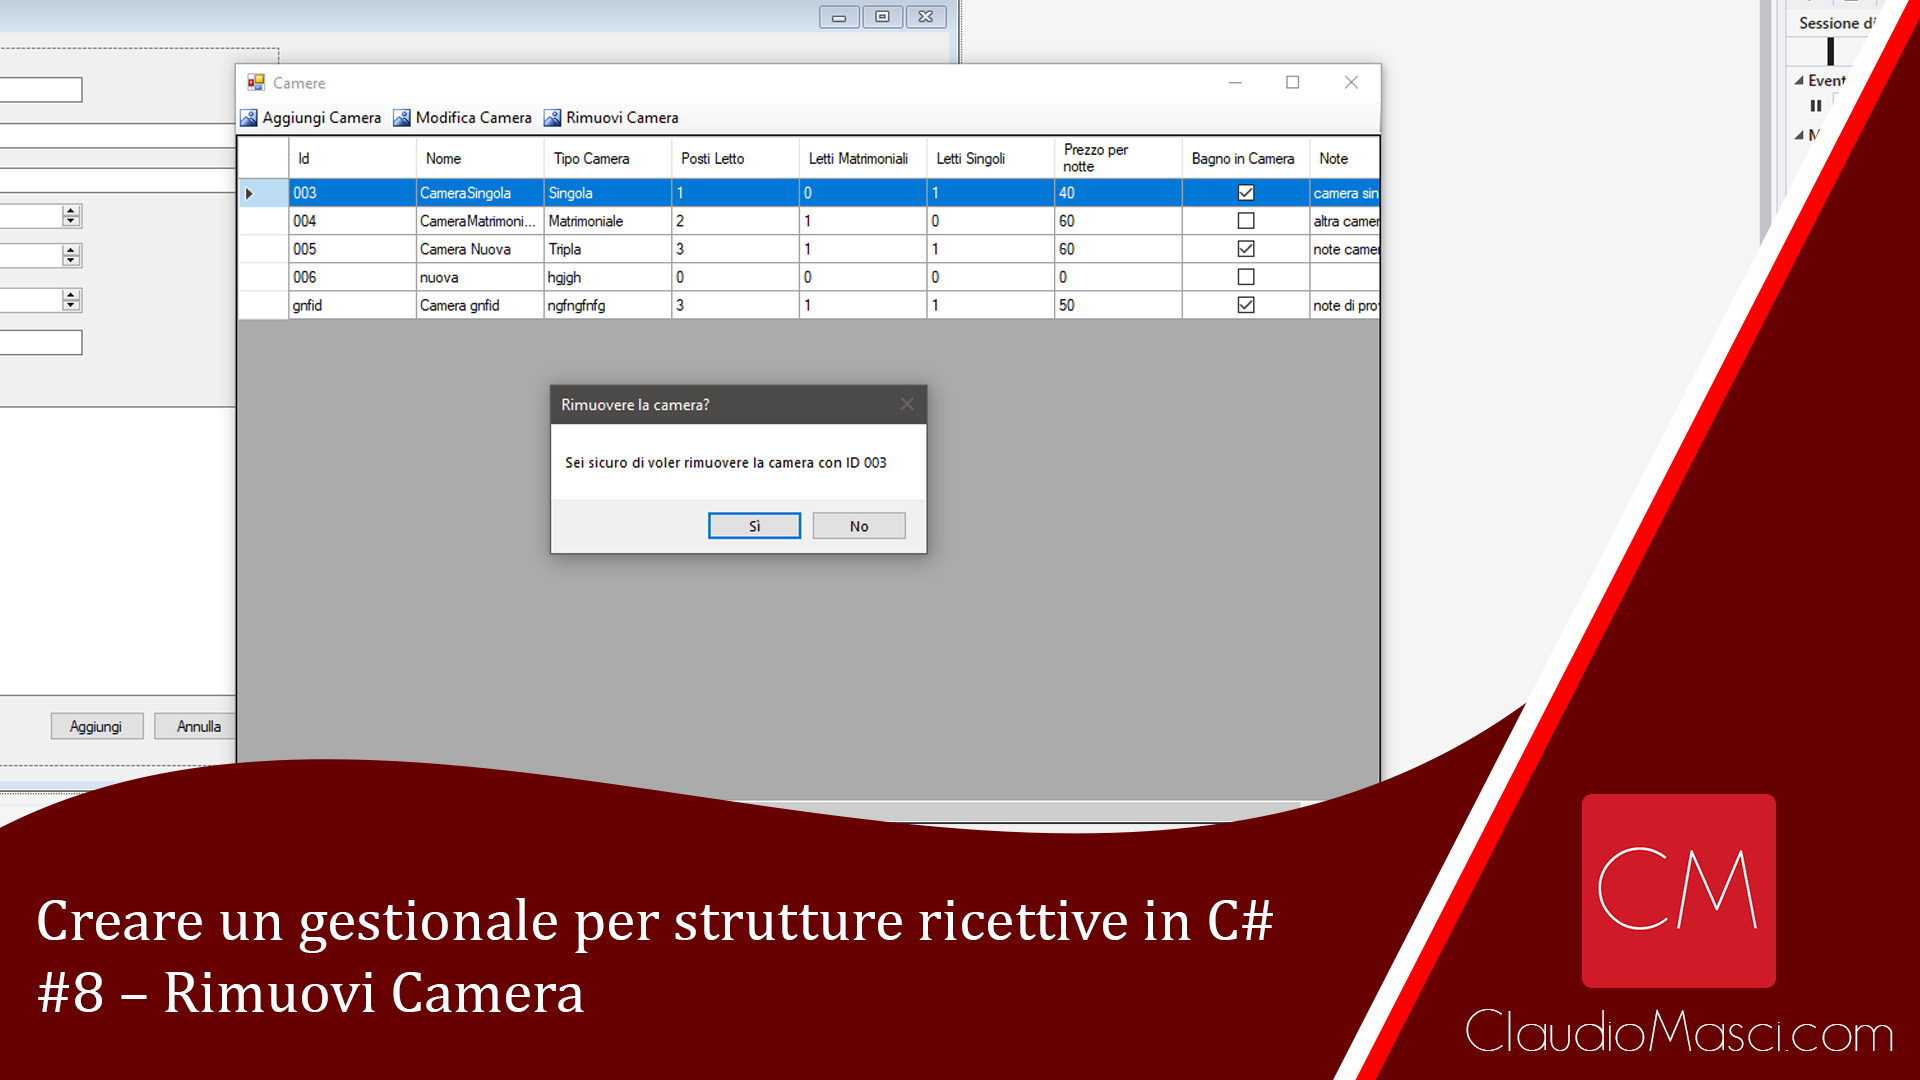 Creare un gestionale per strutture ricettive in C# – #8 – Rimuovi Camera